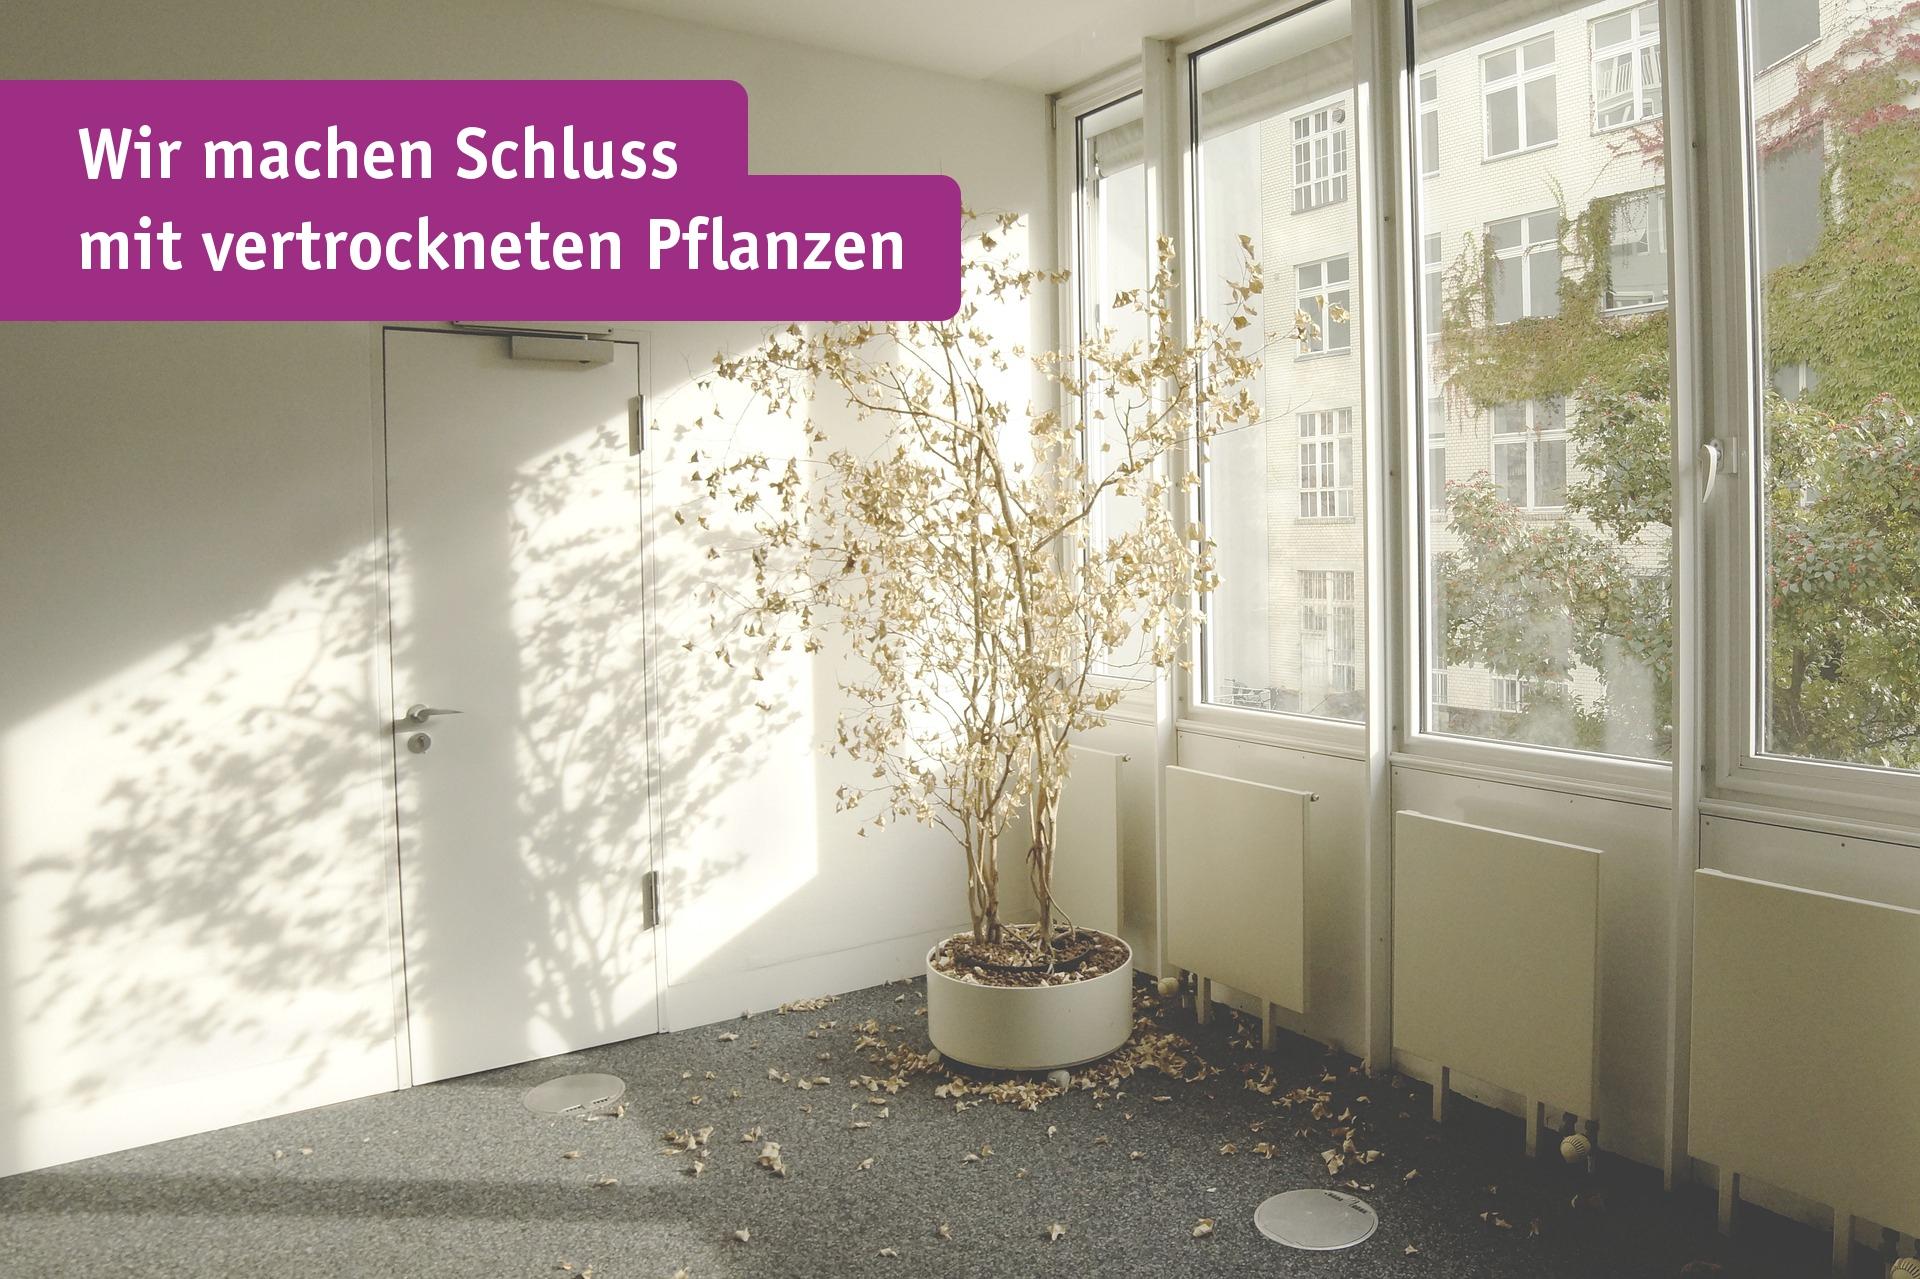 Pflanze, die vergesssen wurde zu Gießen.